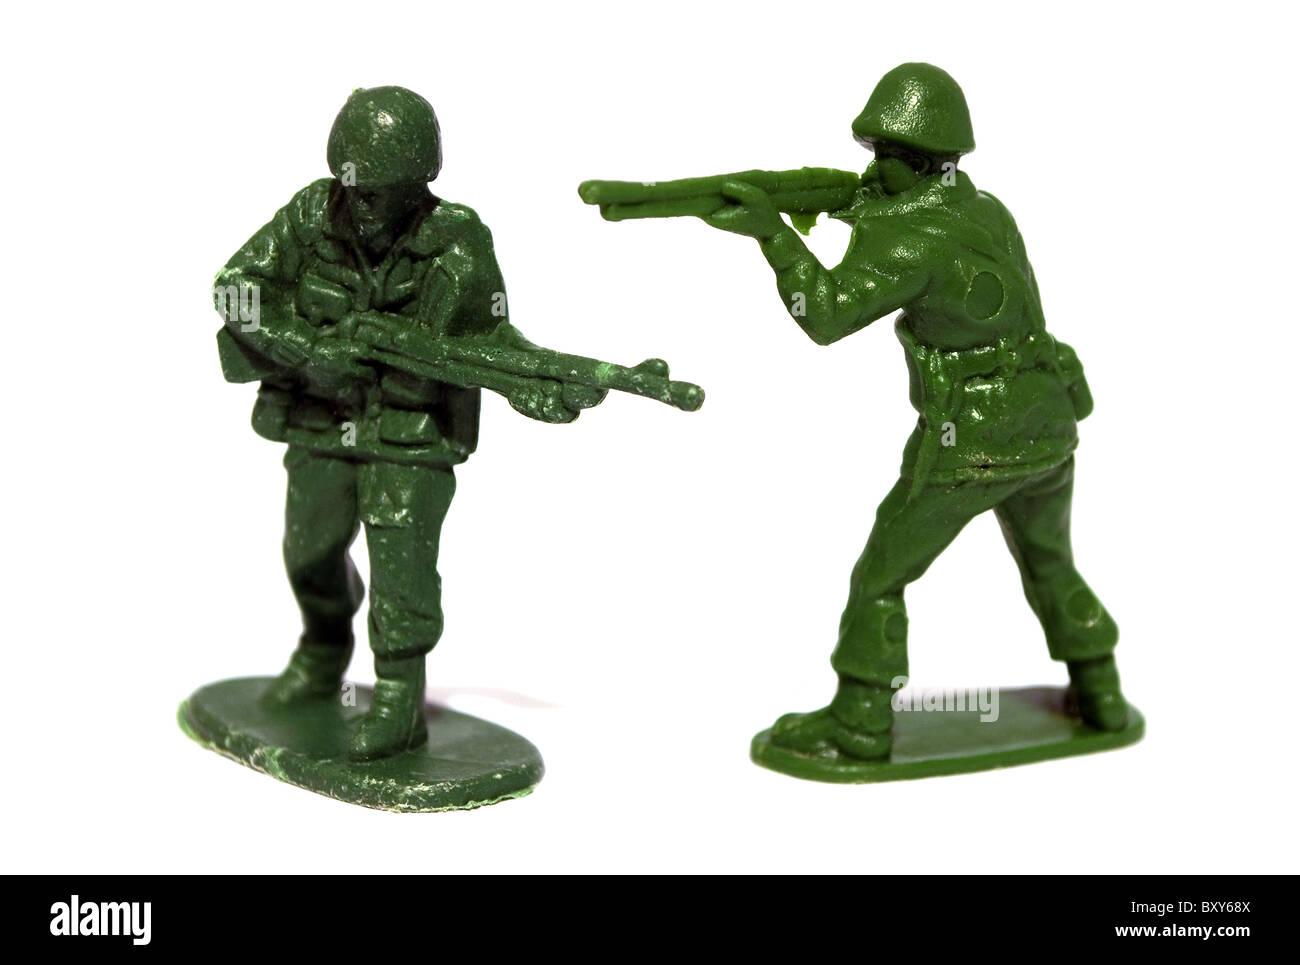 Dos soldados de juguete de plástico sobre un fondo blanco. Foto de stock